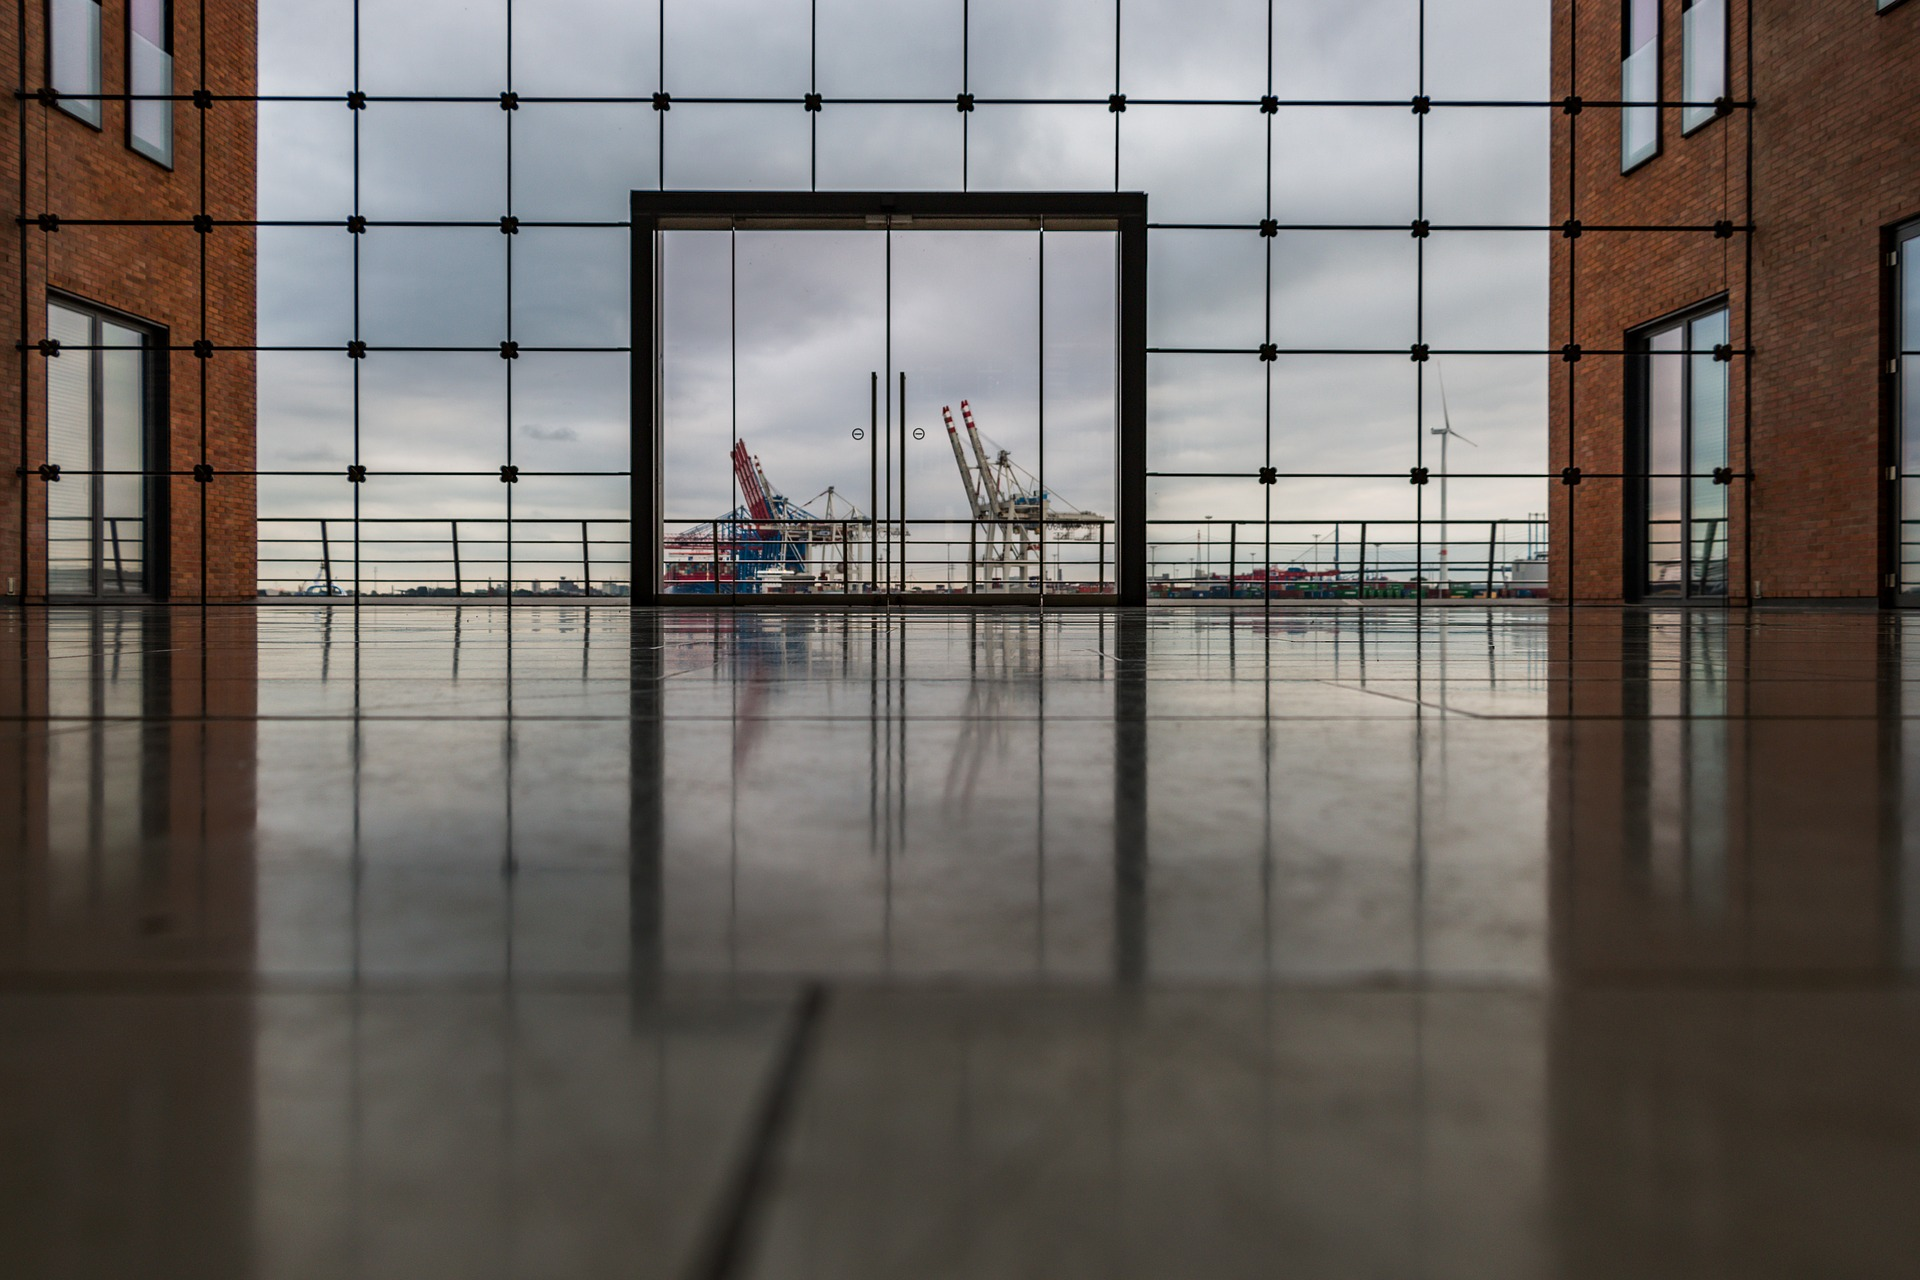 shutterstock.com/KarstenBergmann